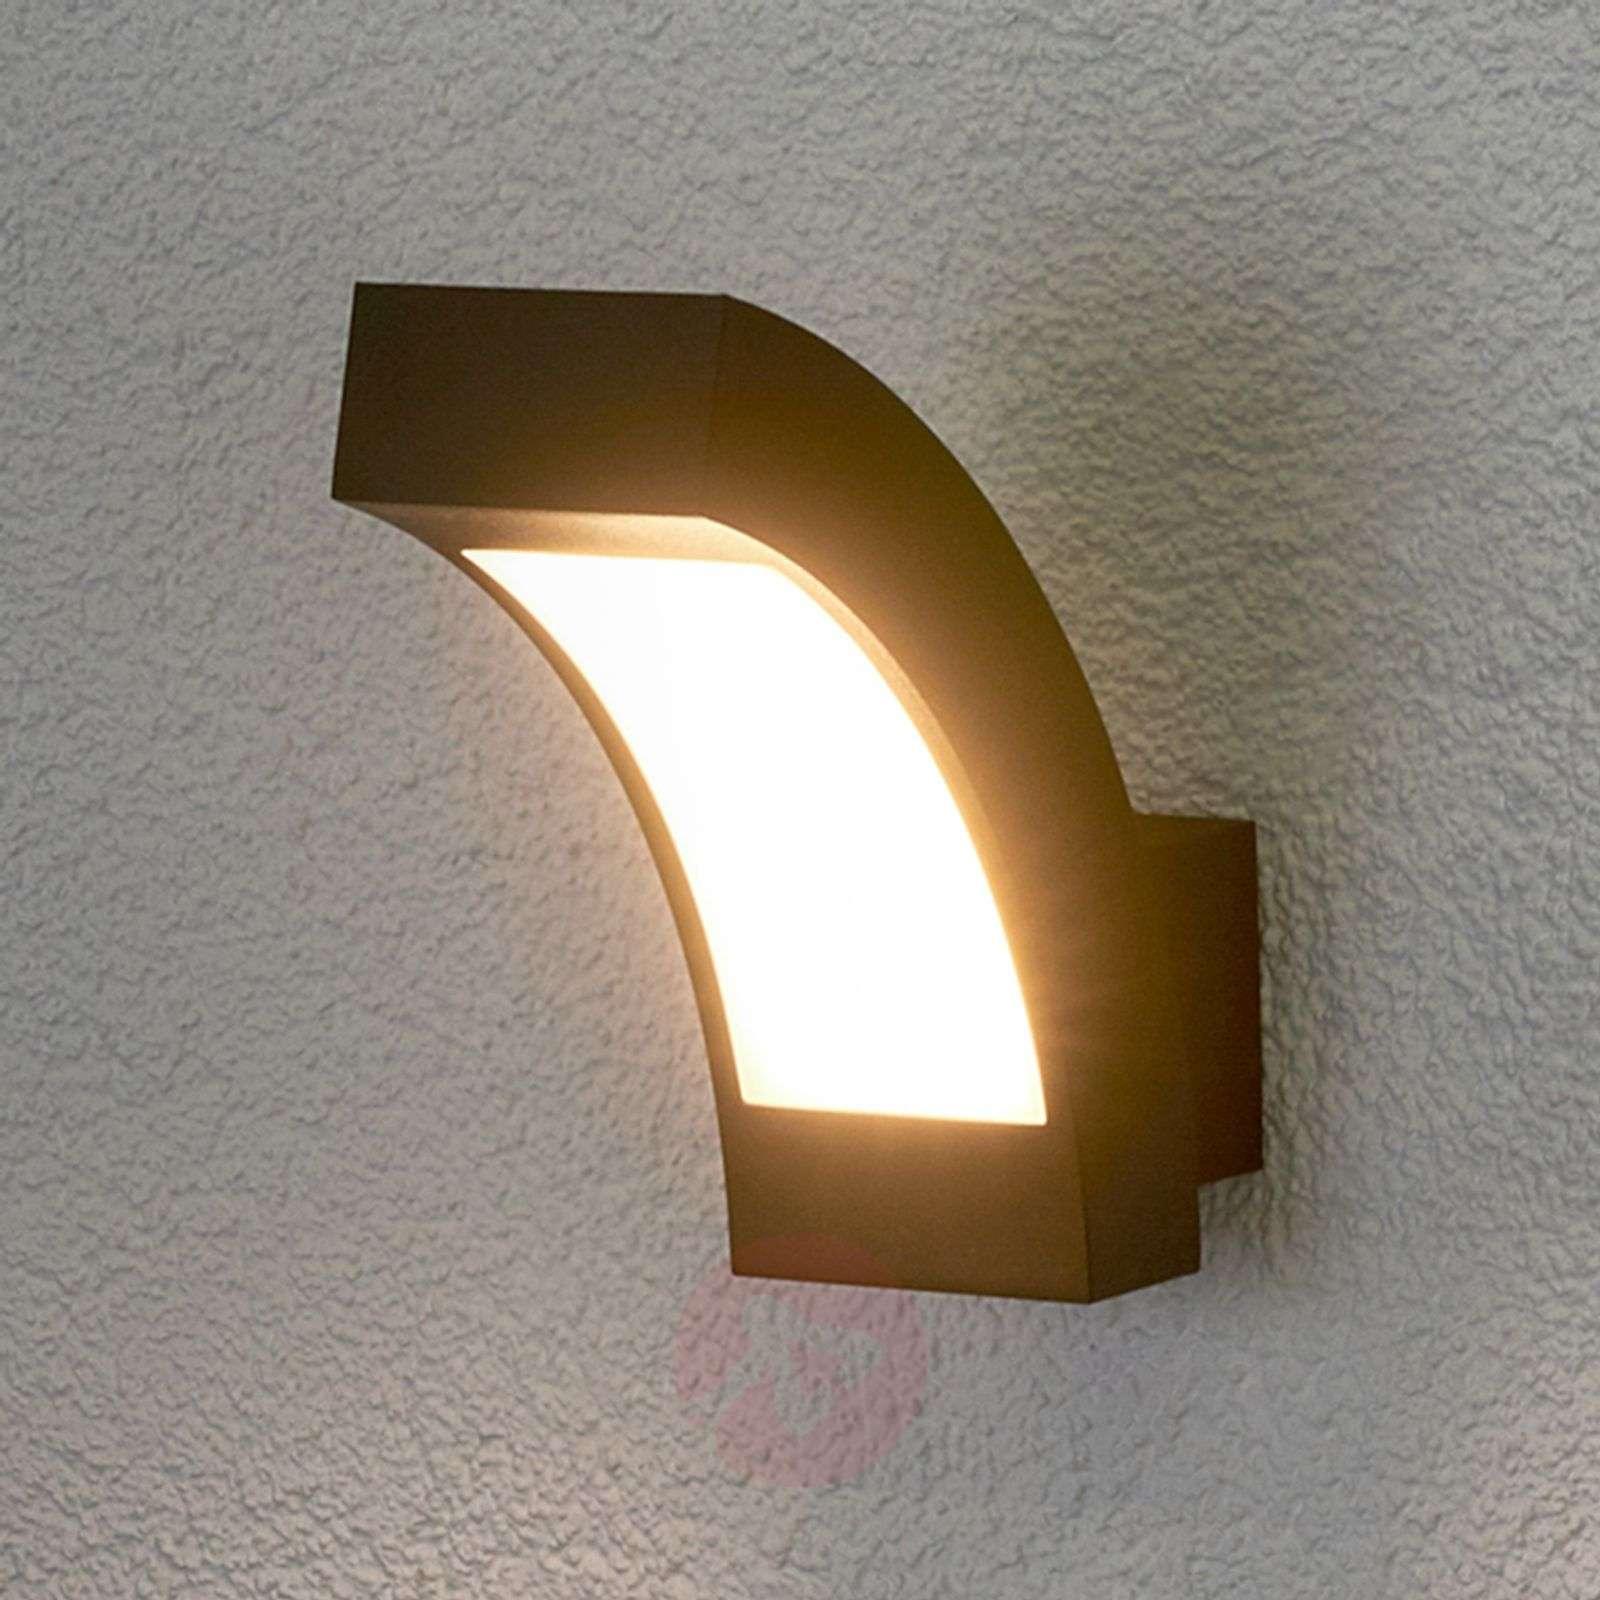 Lennik LED-ulkoseinävalaisin, IP54-9619002-04